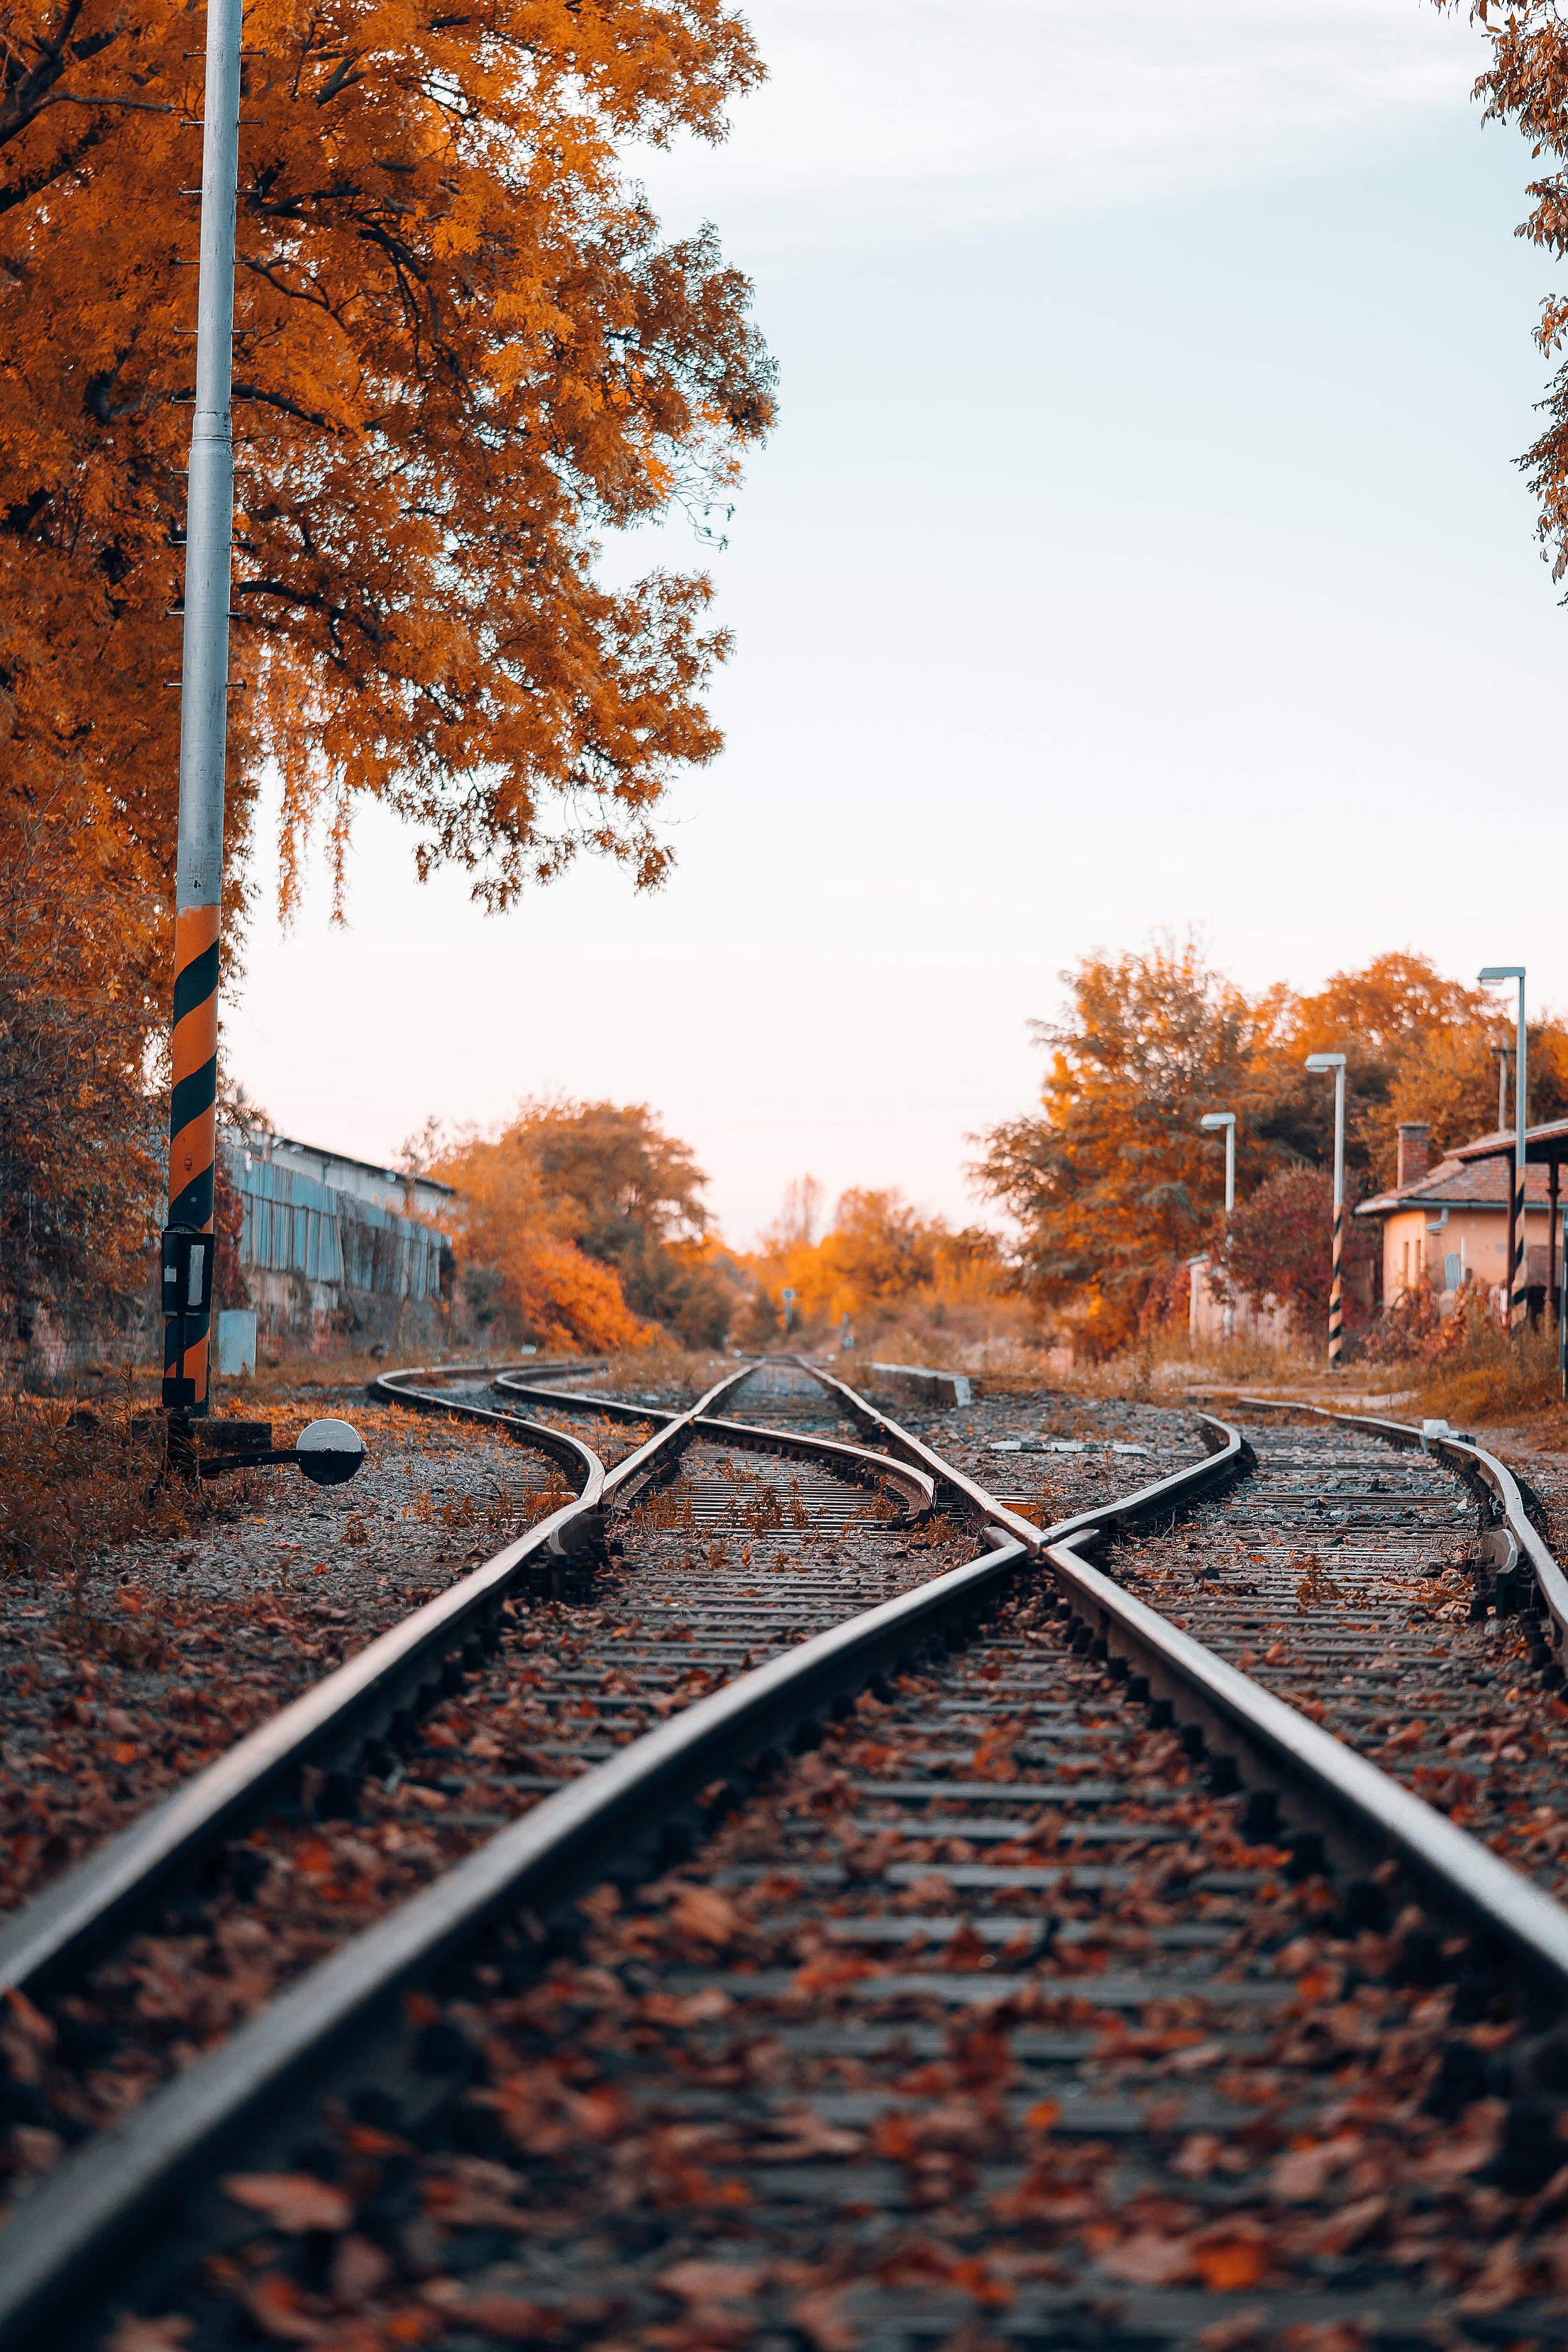 Railway Line Free Stock Photo